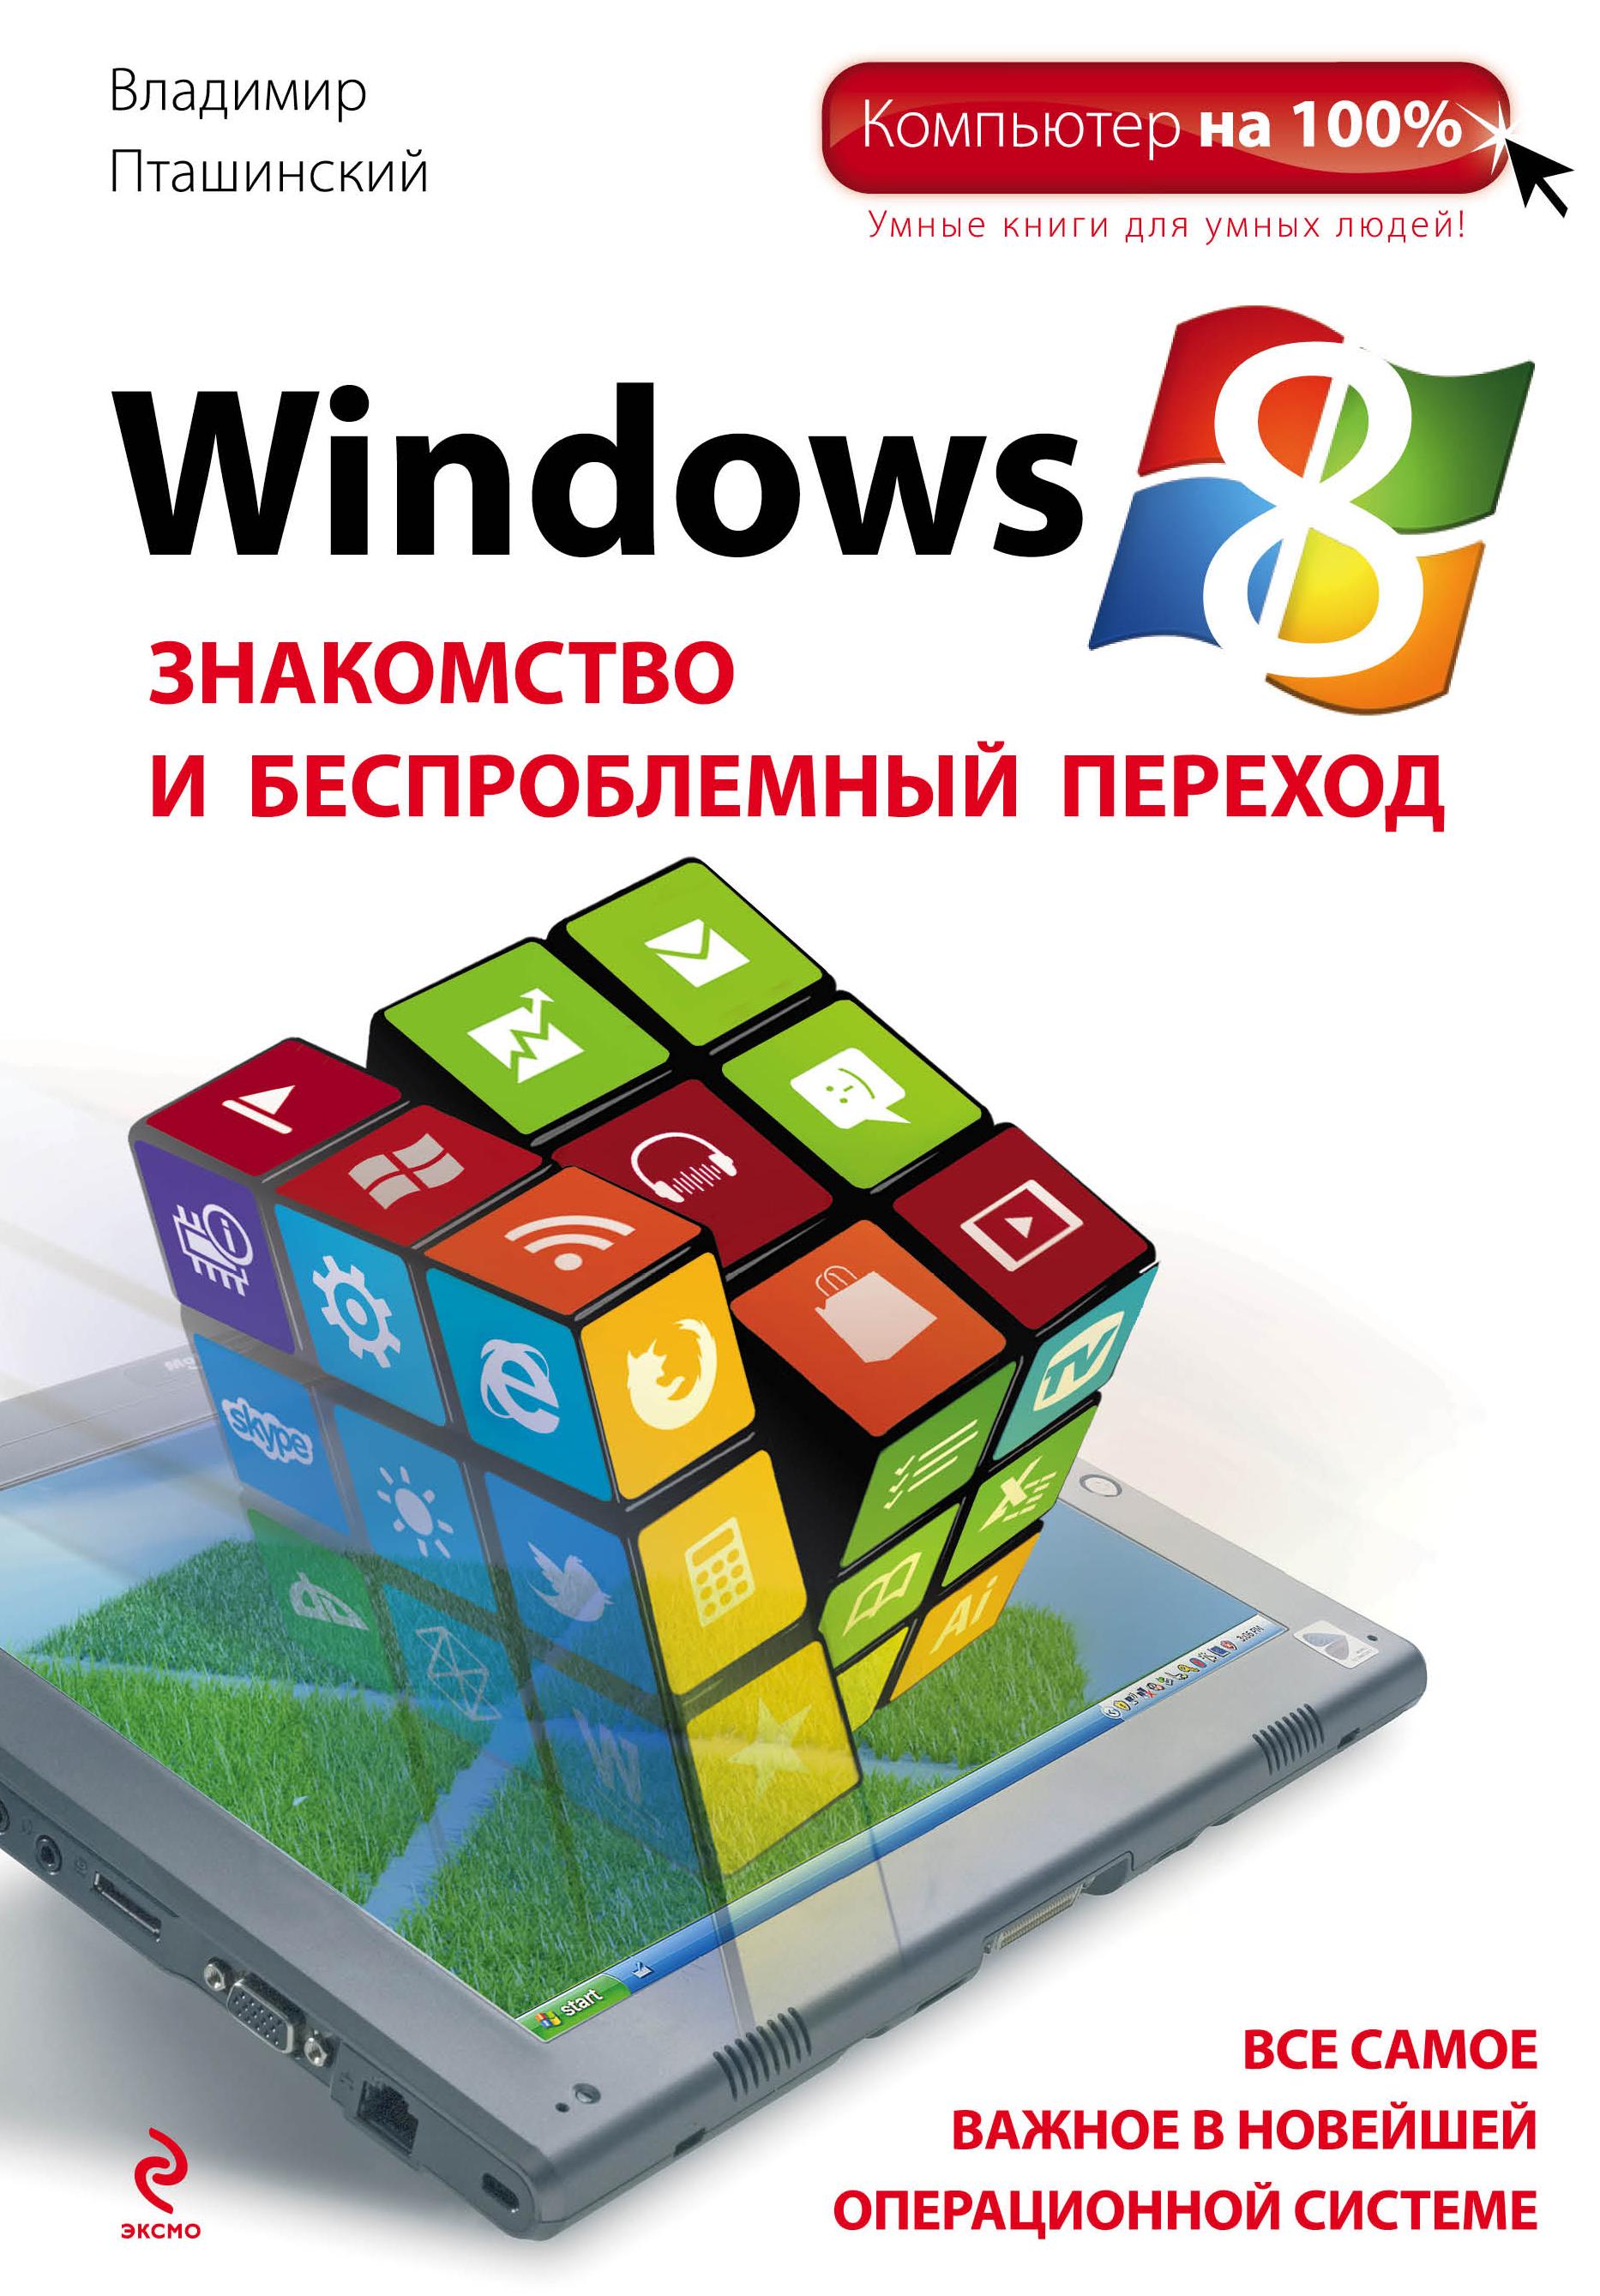 Windows 8. ���������� � ������������� �������